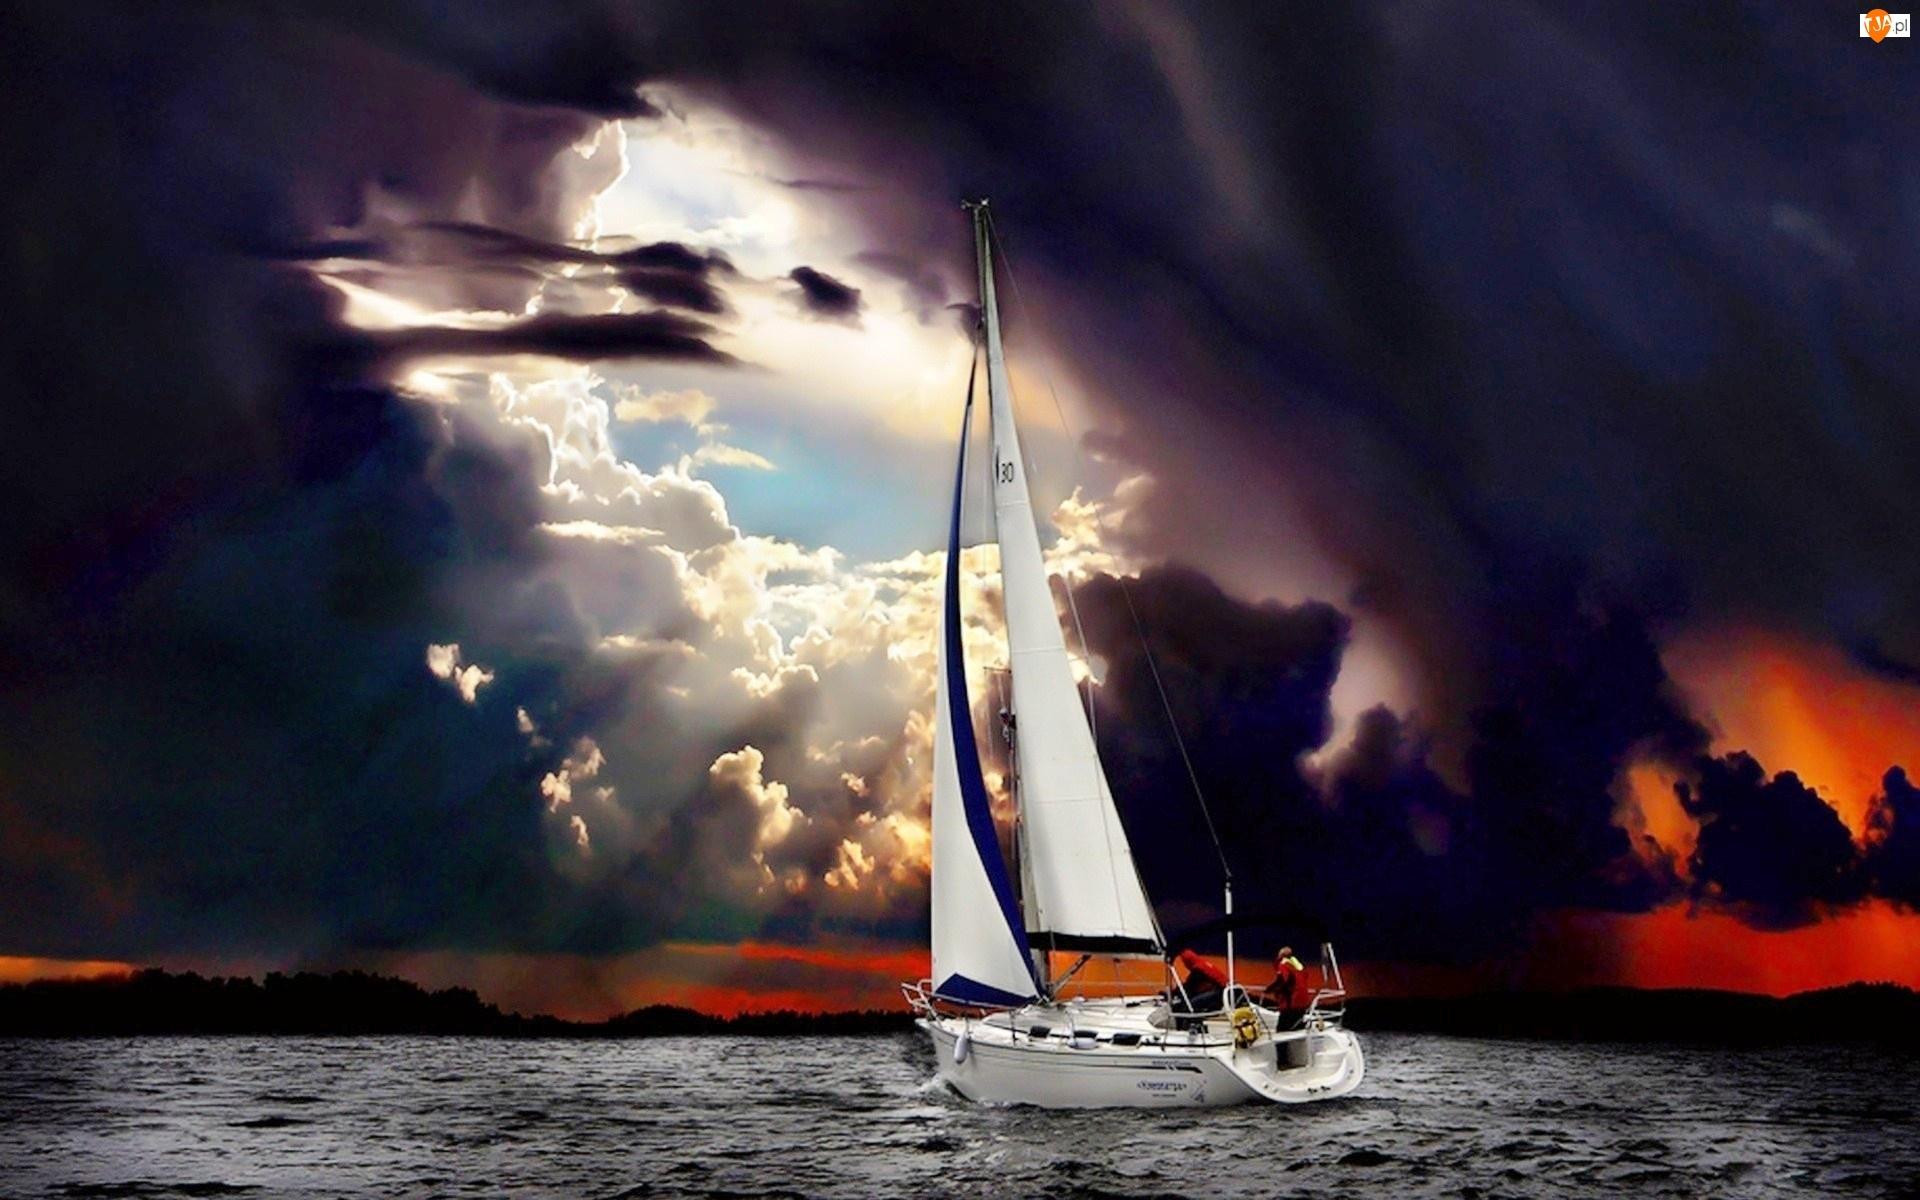 Żaglówka, Burza, Morze, Chmury